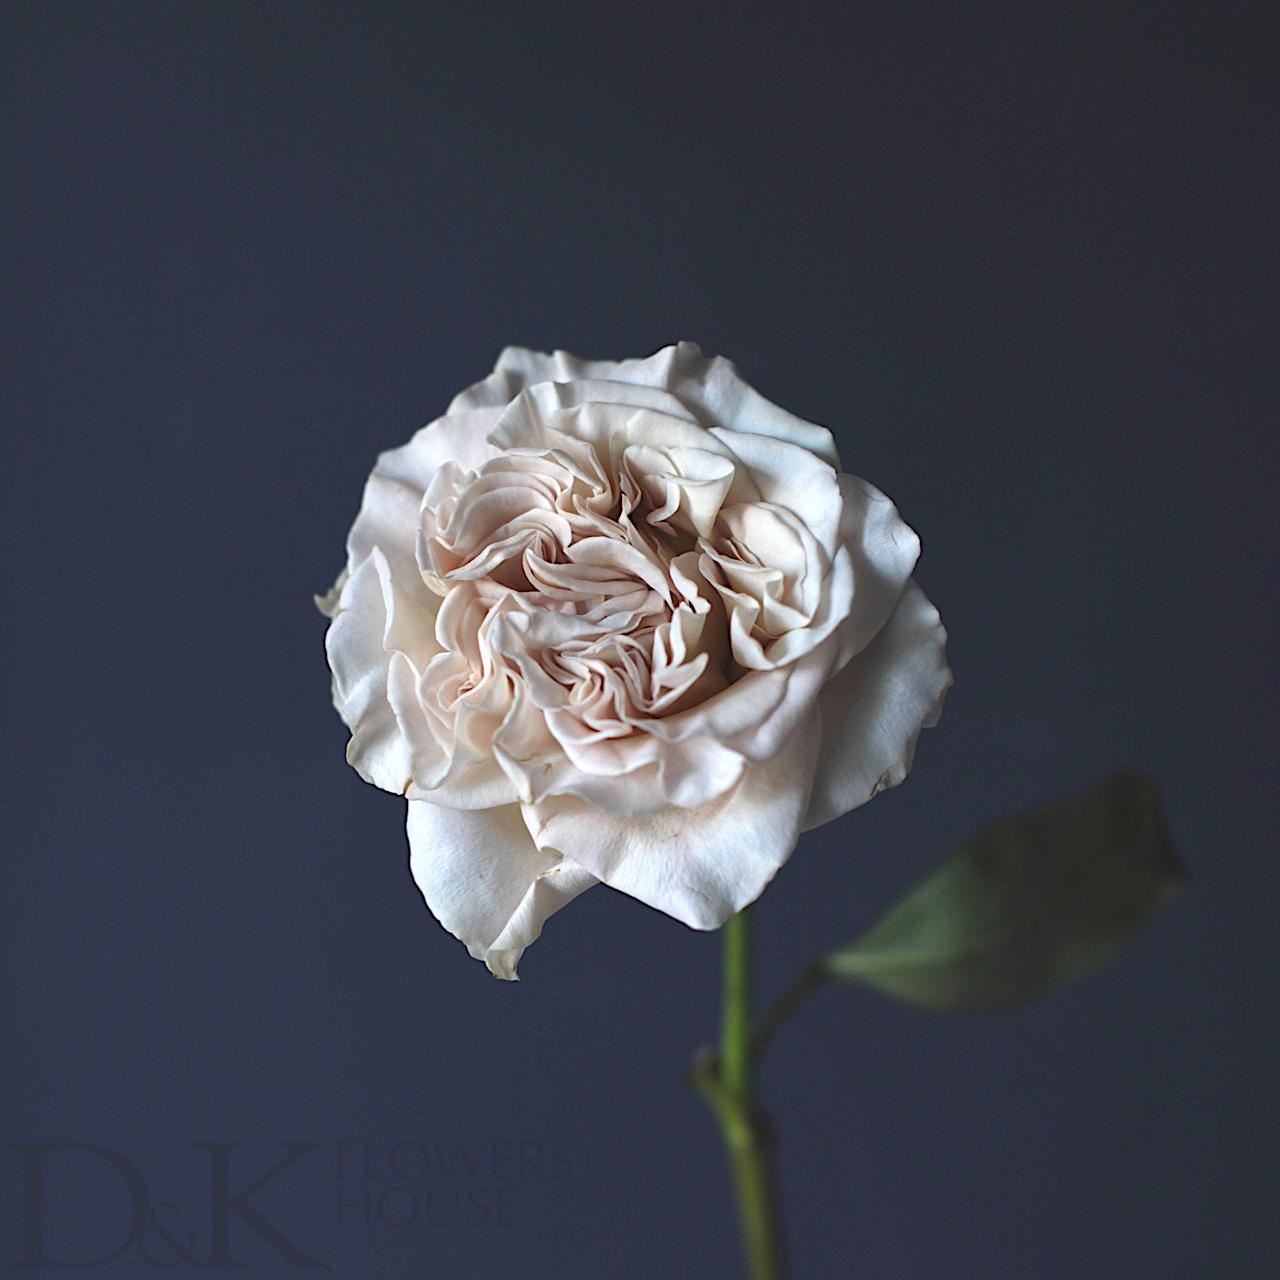 Цветы «D&K Flowers House»: Роза Вестминстерское аббатство